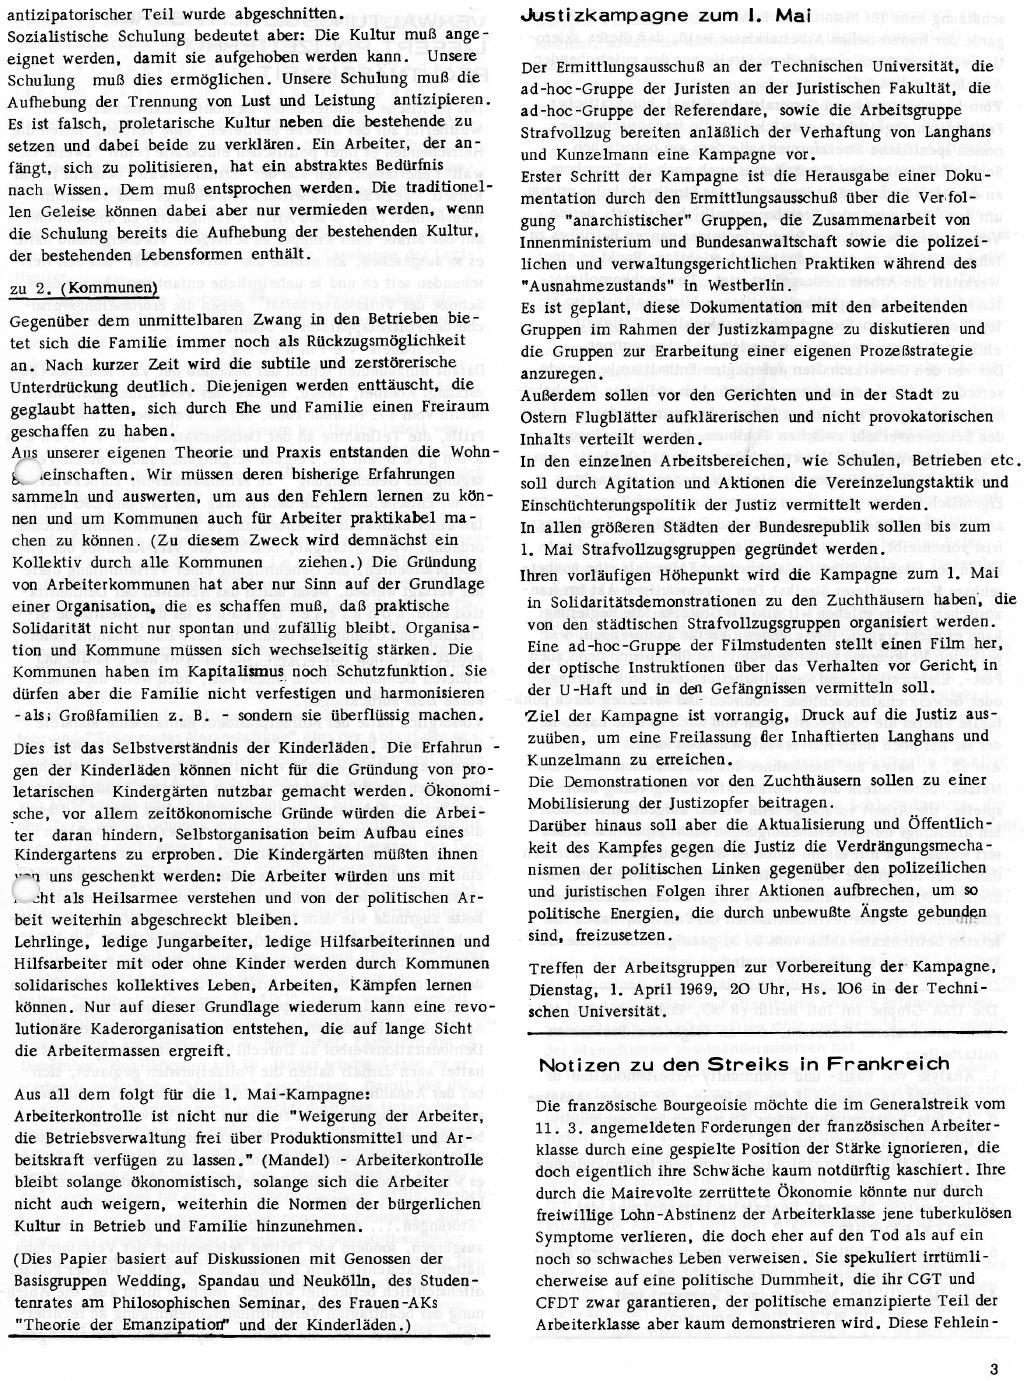 RPK_1969_006_03